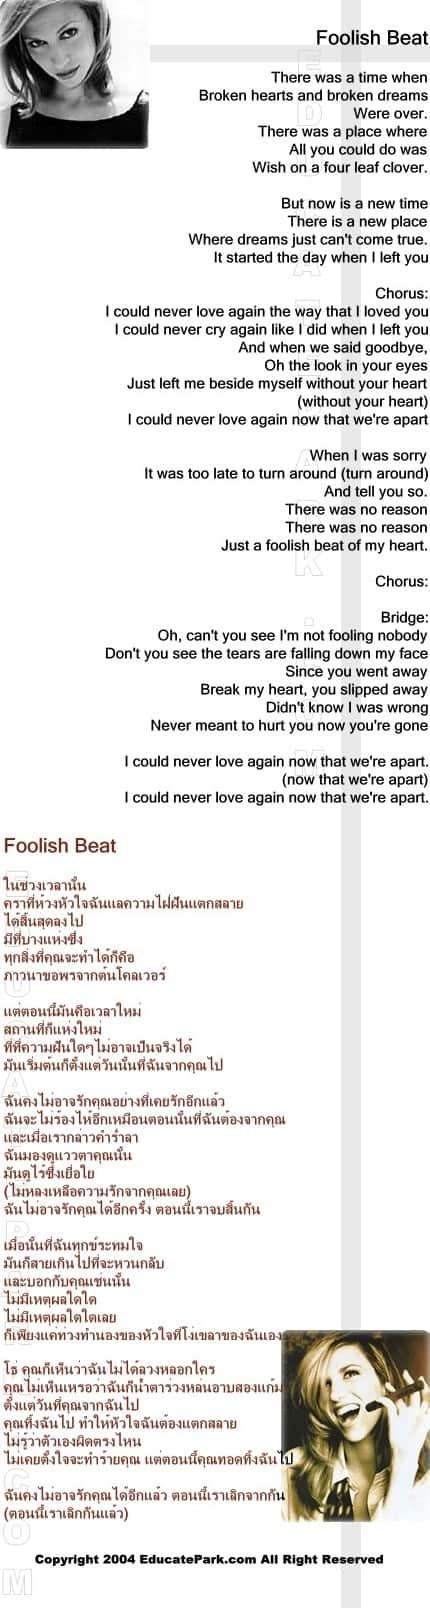 แปลเพลง Foolish Beat - Debbie Gibson